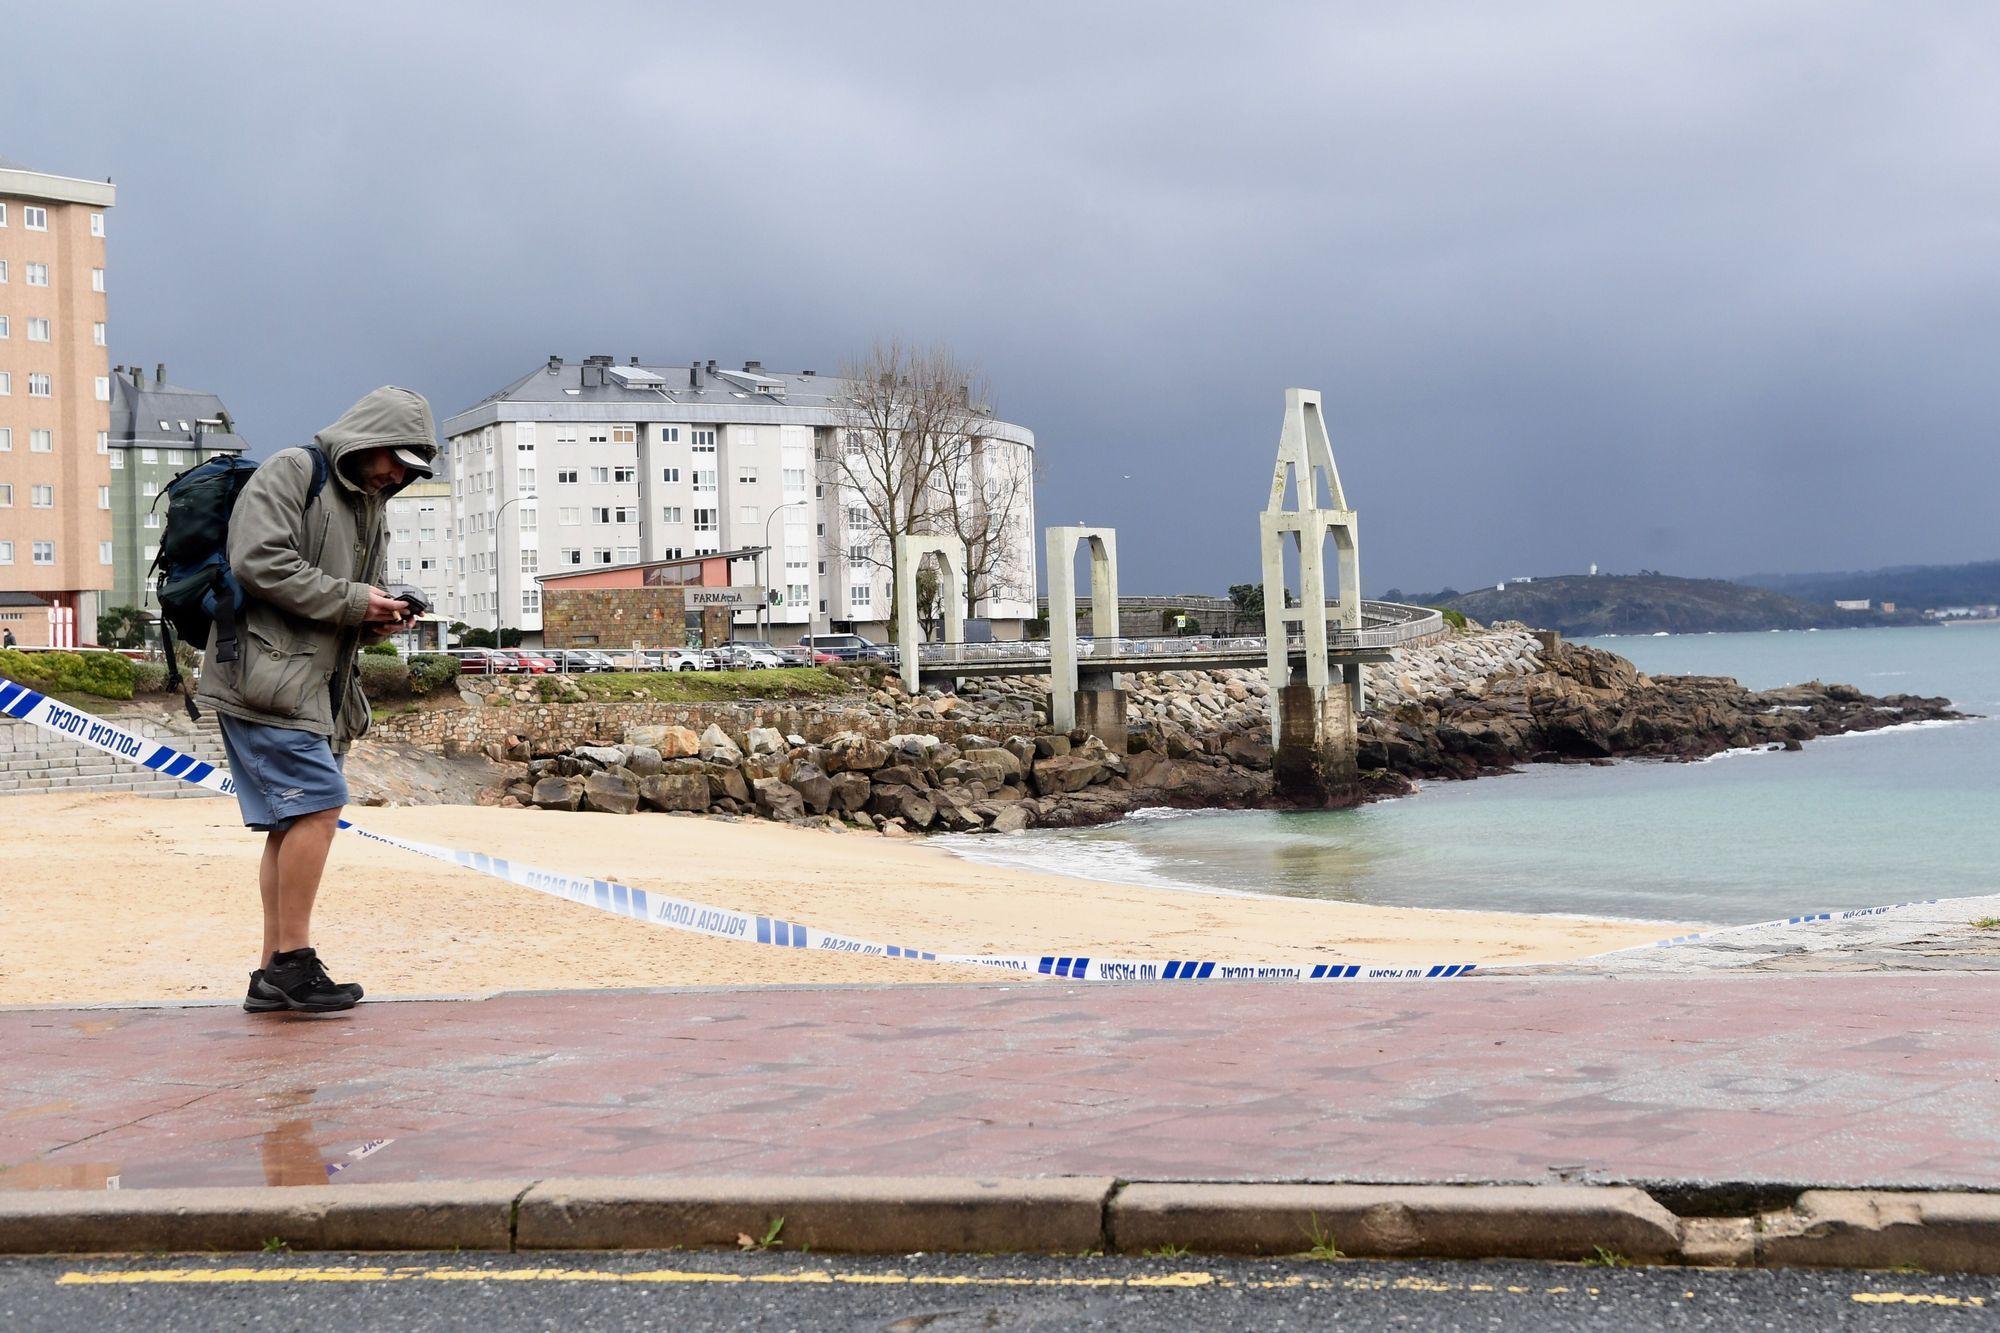 Cierran las playas de A Coruña por una invasión de la medusa carabela portuguesa